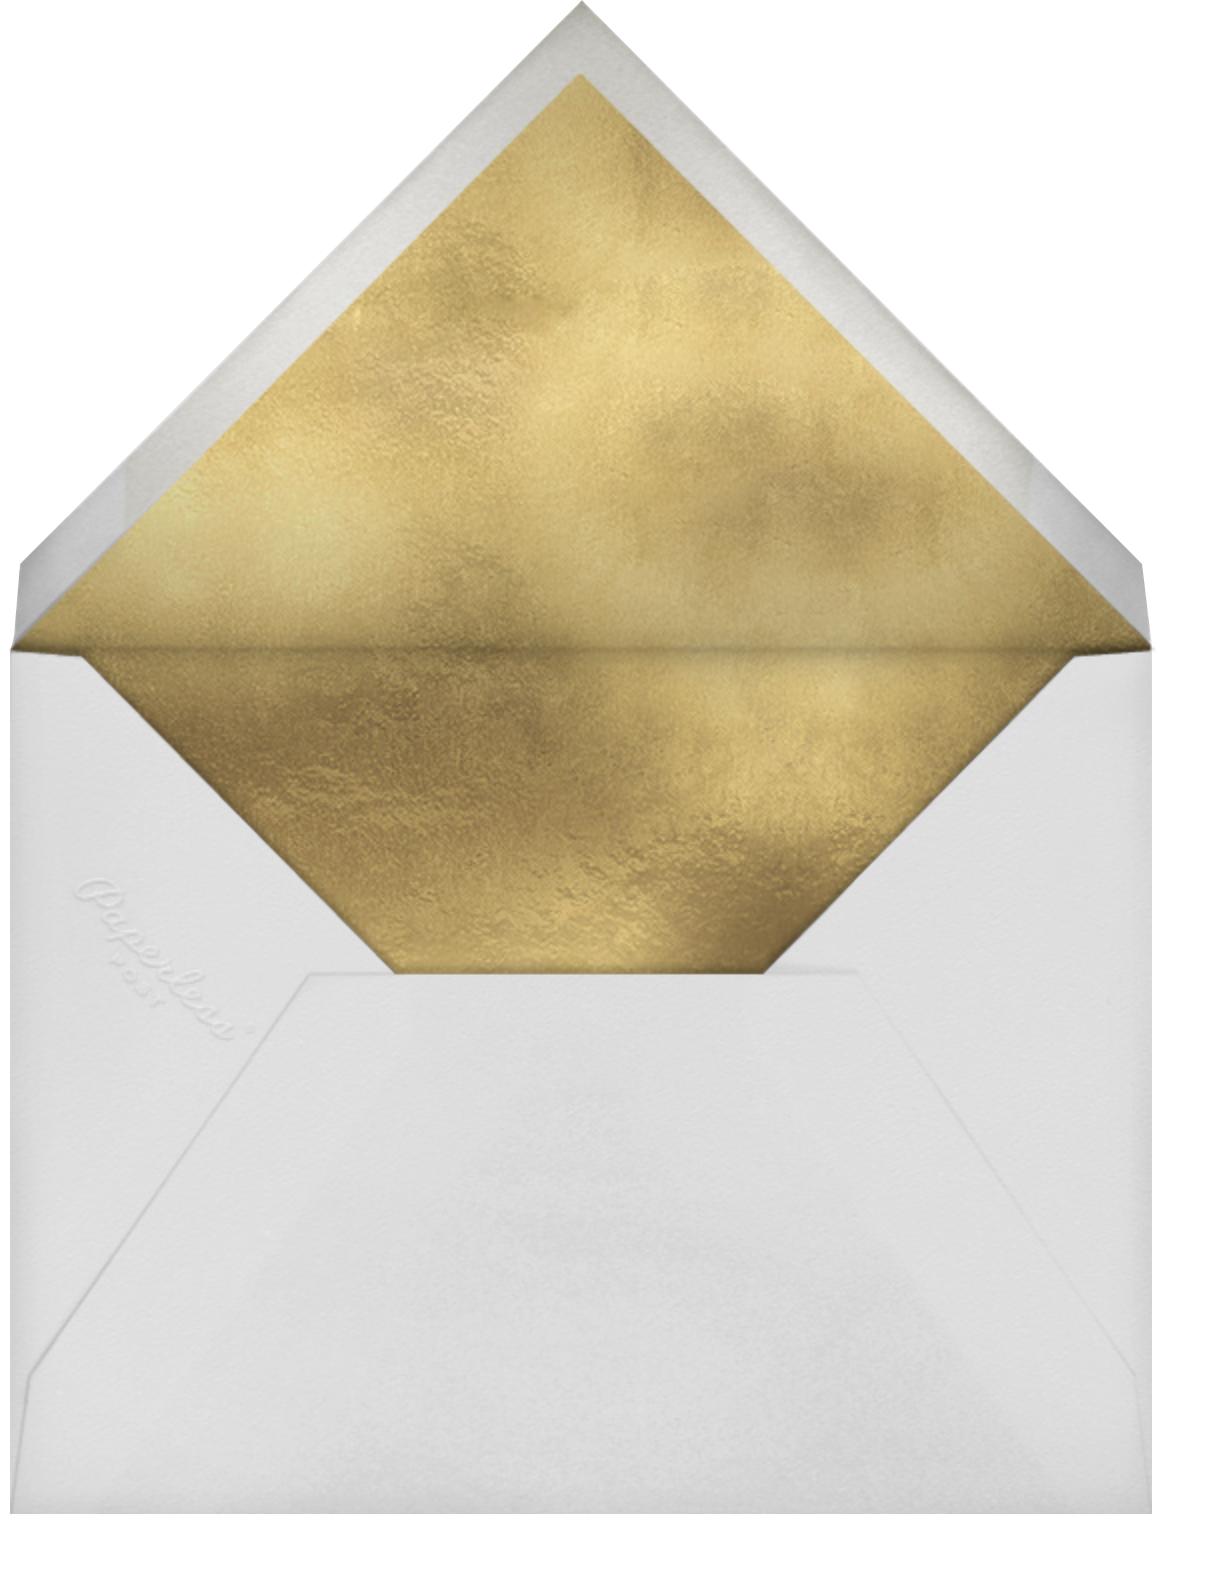 Leopard - Longhorn - kate spade new york - Valentine's Day - envelope back